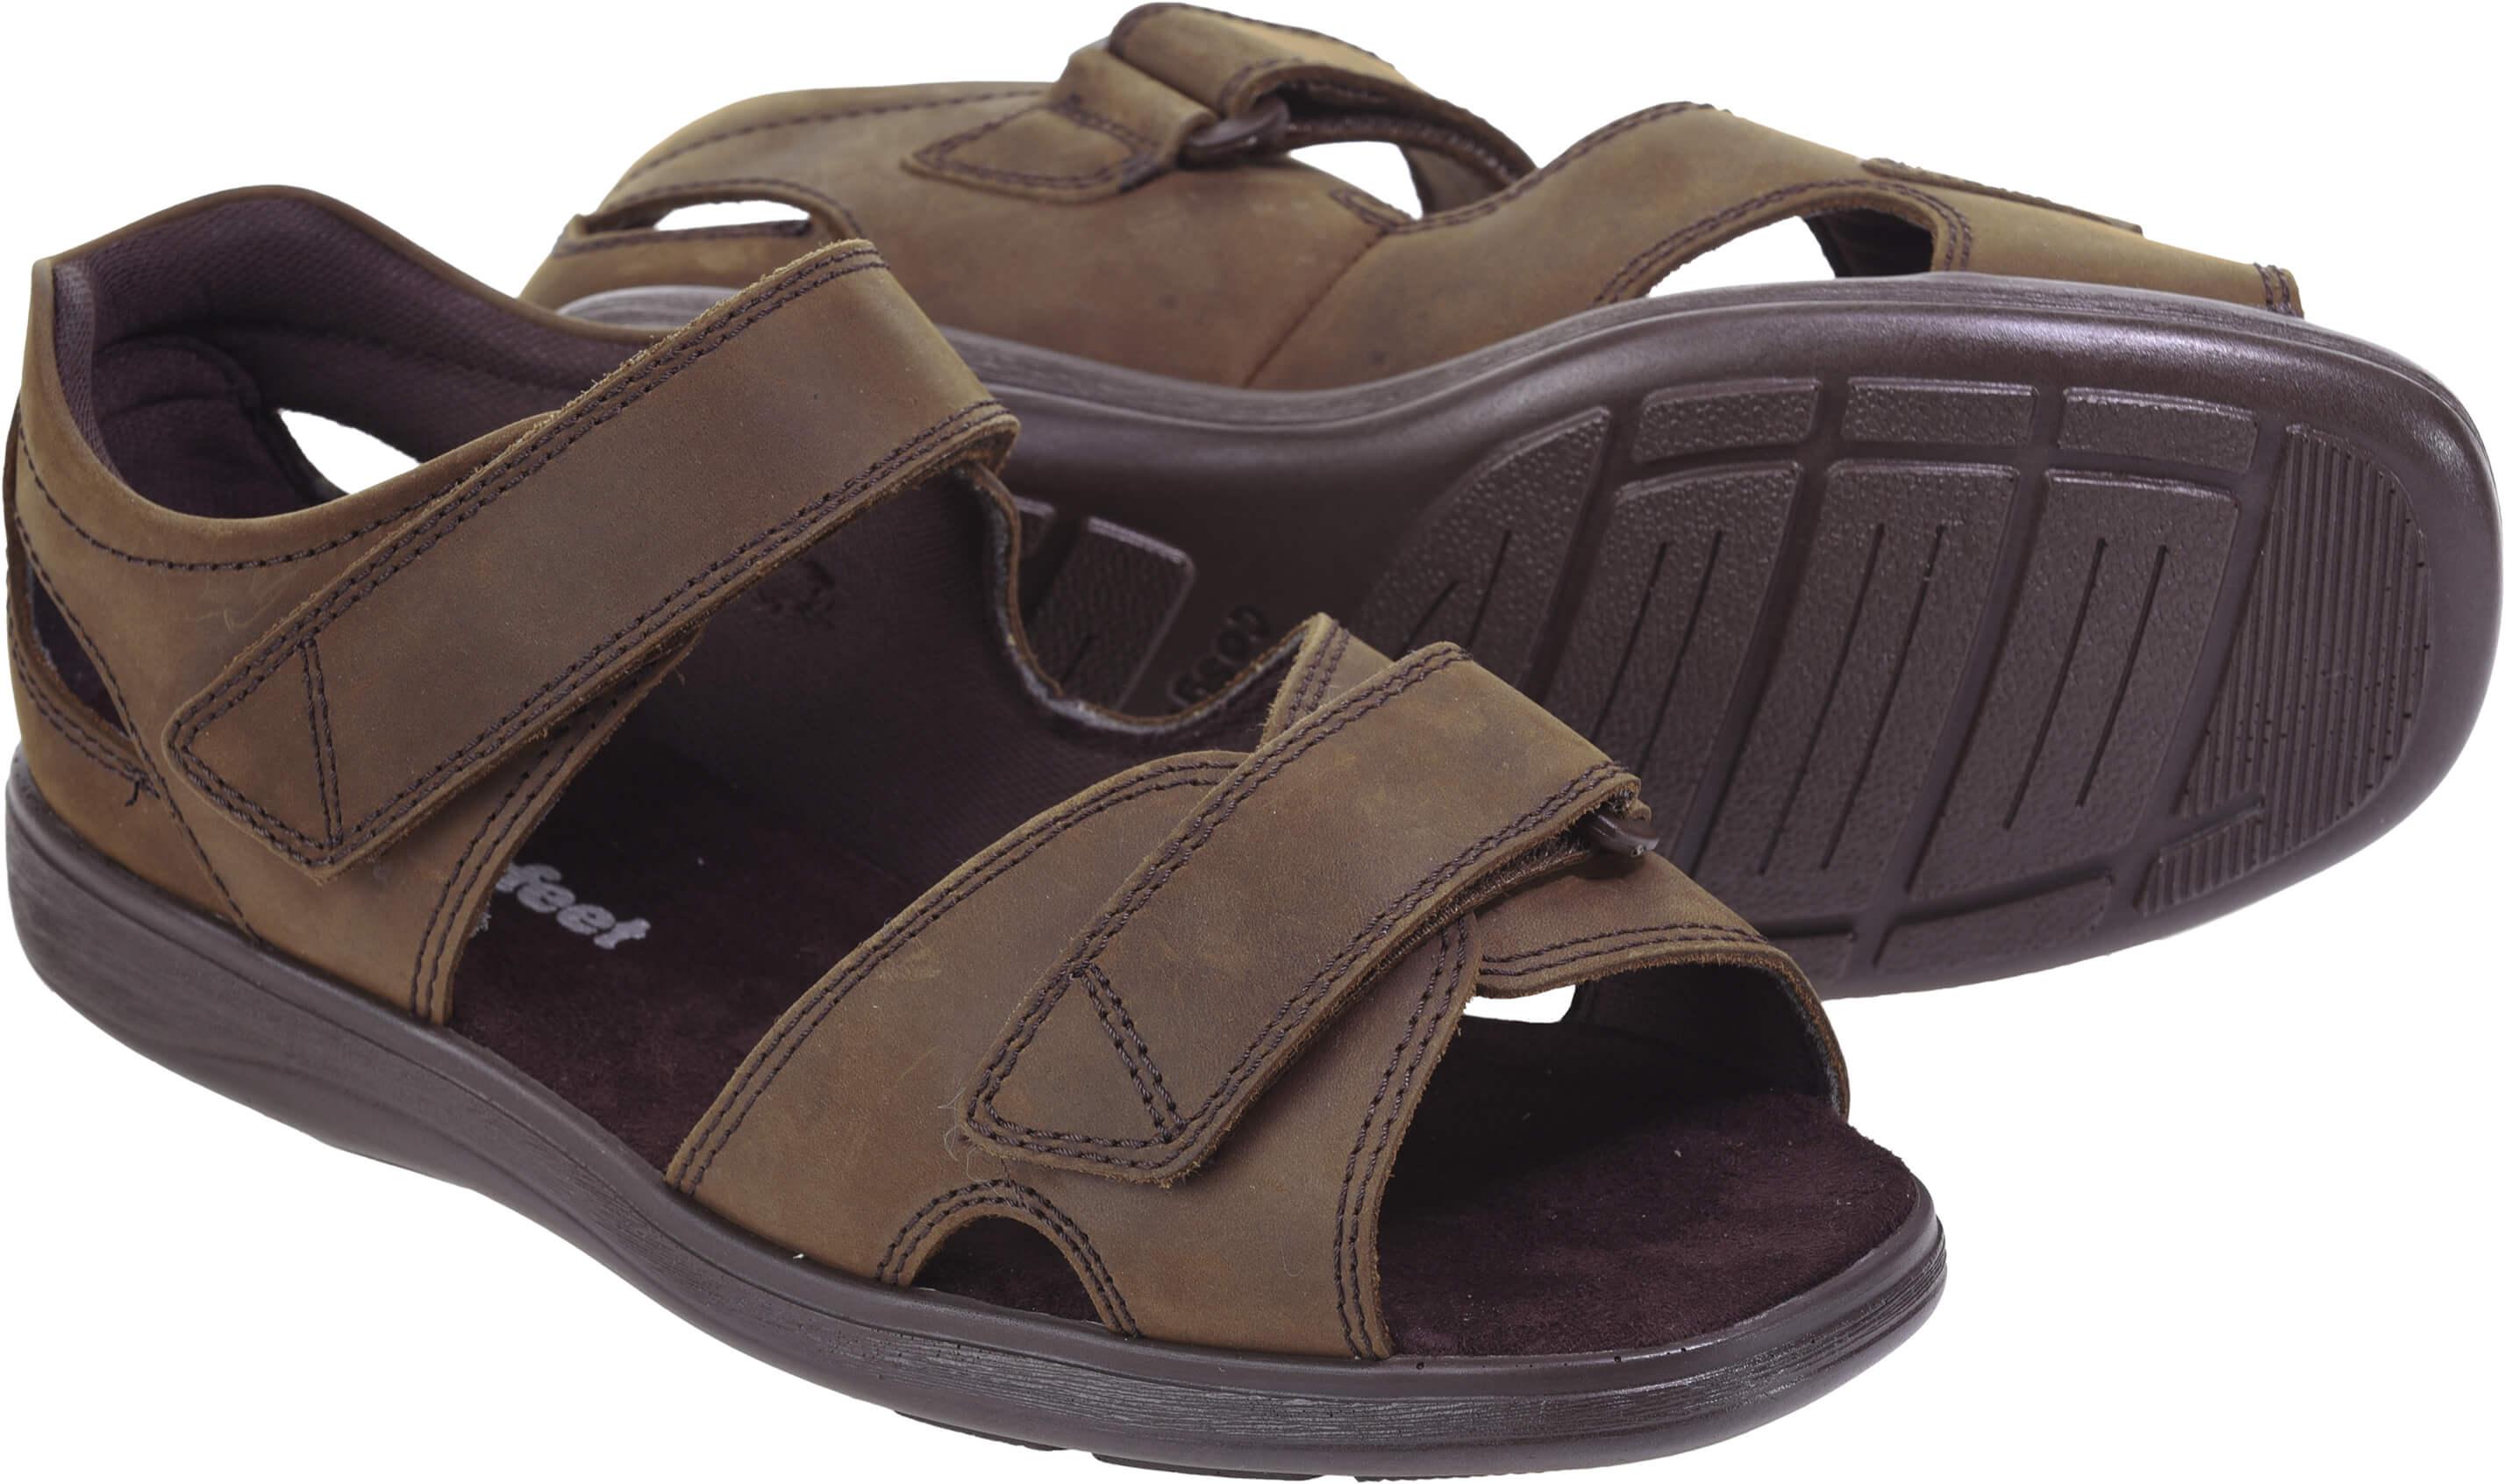 Bingley Sandals